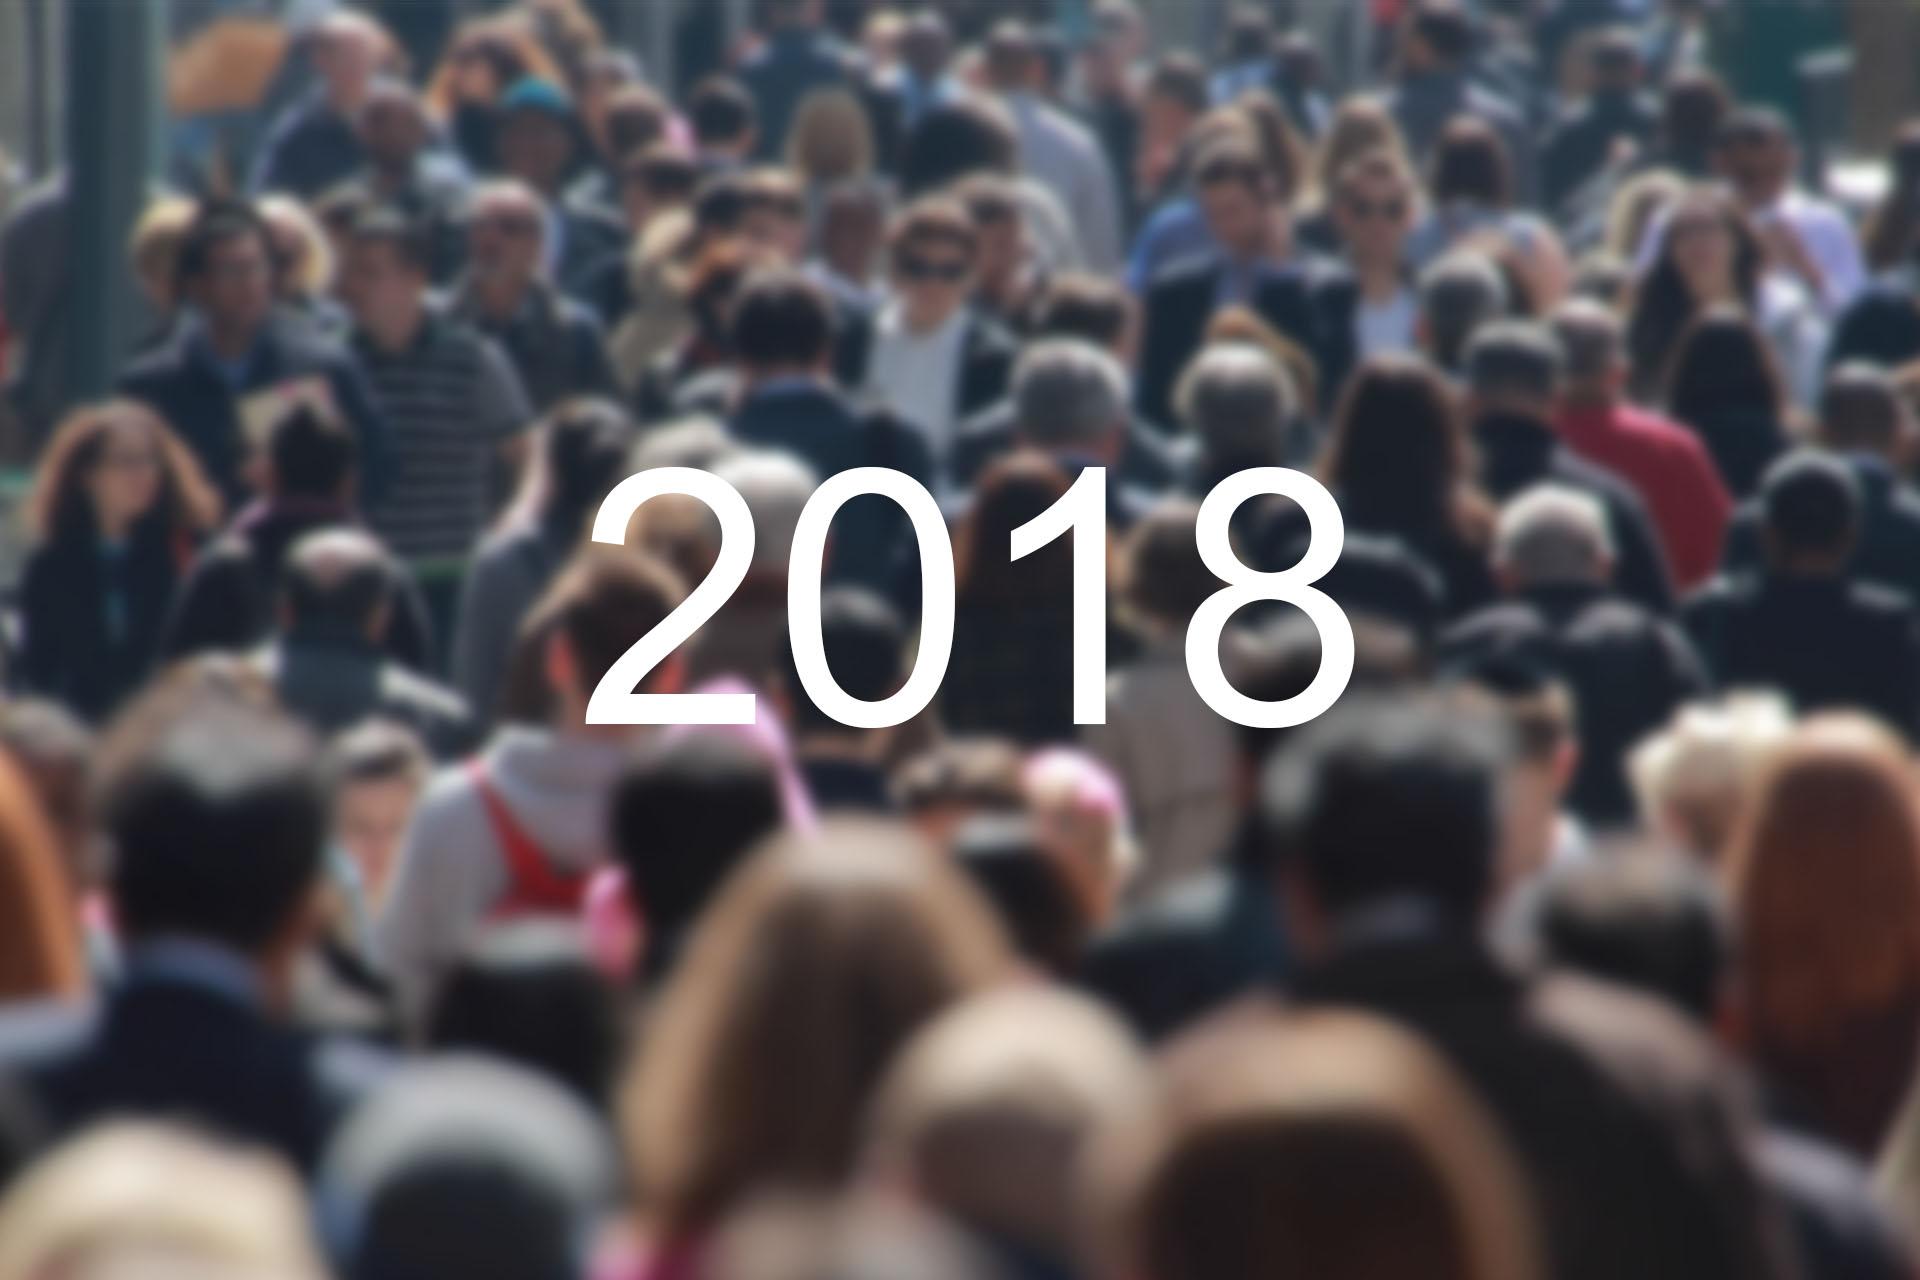 Las industrias en el 2018 según AdAge